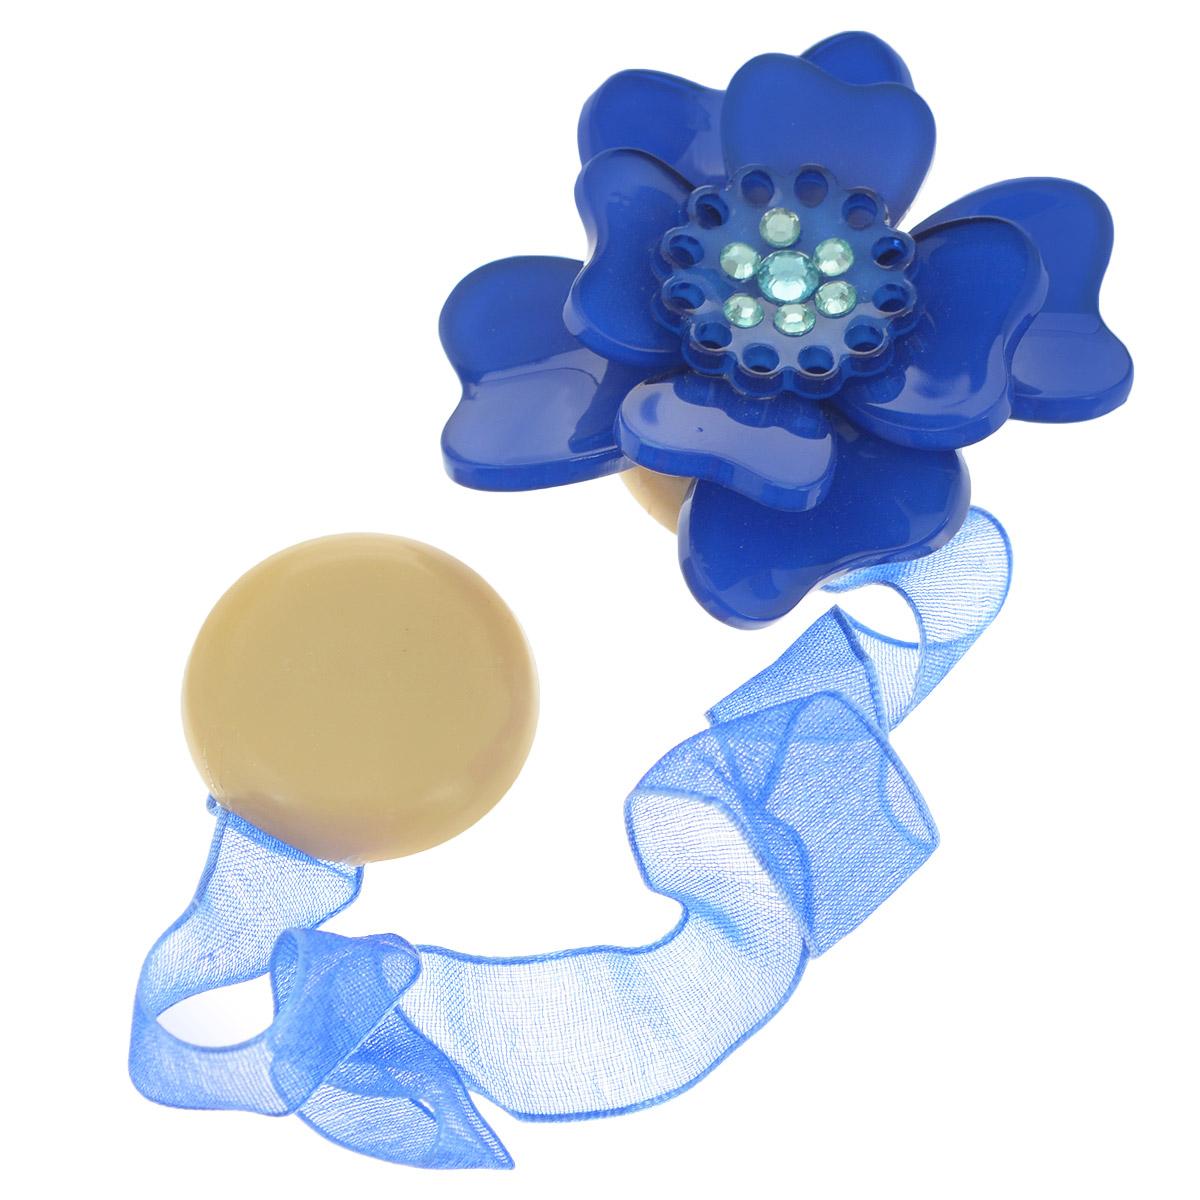 Клипса-магнит для штор Calamita Fiore, цвет: синий. 7704008_7927704008_792Клипса-магнит Calamita Fiore, изготовленная из пластика и текстиля, предназначена для придания формы шторам. Изделие представляет собой два магнита, расположенные на разных концах текстильной ленты. Один из магнитов оформлен декоративным цветком и украшен стразами. С помощью такой магнитной клипсы можно зафиксировать портьеры, придать им требуемое положение, сделать складки симметричными или приблизить портьеры, скрепить их. Клипсы для штор являются универсальным изделием, которое превосходно подойдет как для штор в детской комнате, так и для штор в гостиной. Следует отметить, что клипсы для штор выполняют не только практическую функцию, но также являются одной из основных деталей декора этого изделия, которая придает шторам восхитительный, стильный внешний вид. Материал: пластик, полиэстер, магнит. Диаметр декоративного цветка: 5 см. Диаметр магнита: 2,5 см. Длина ленты: 28 см.